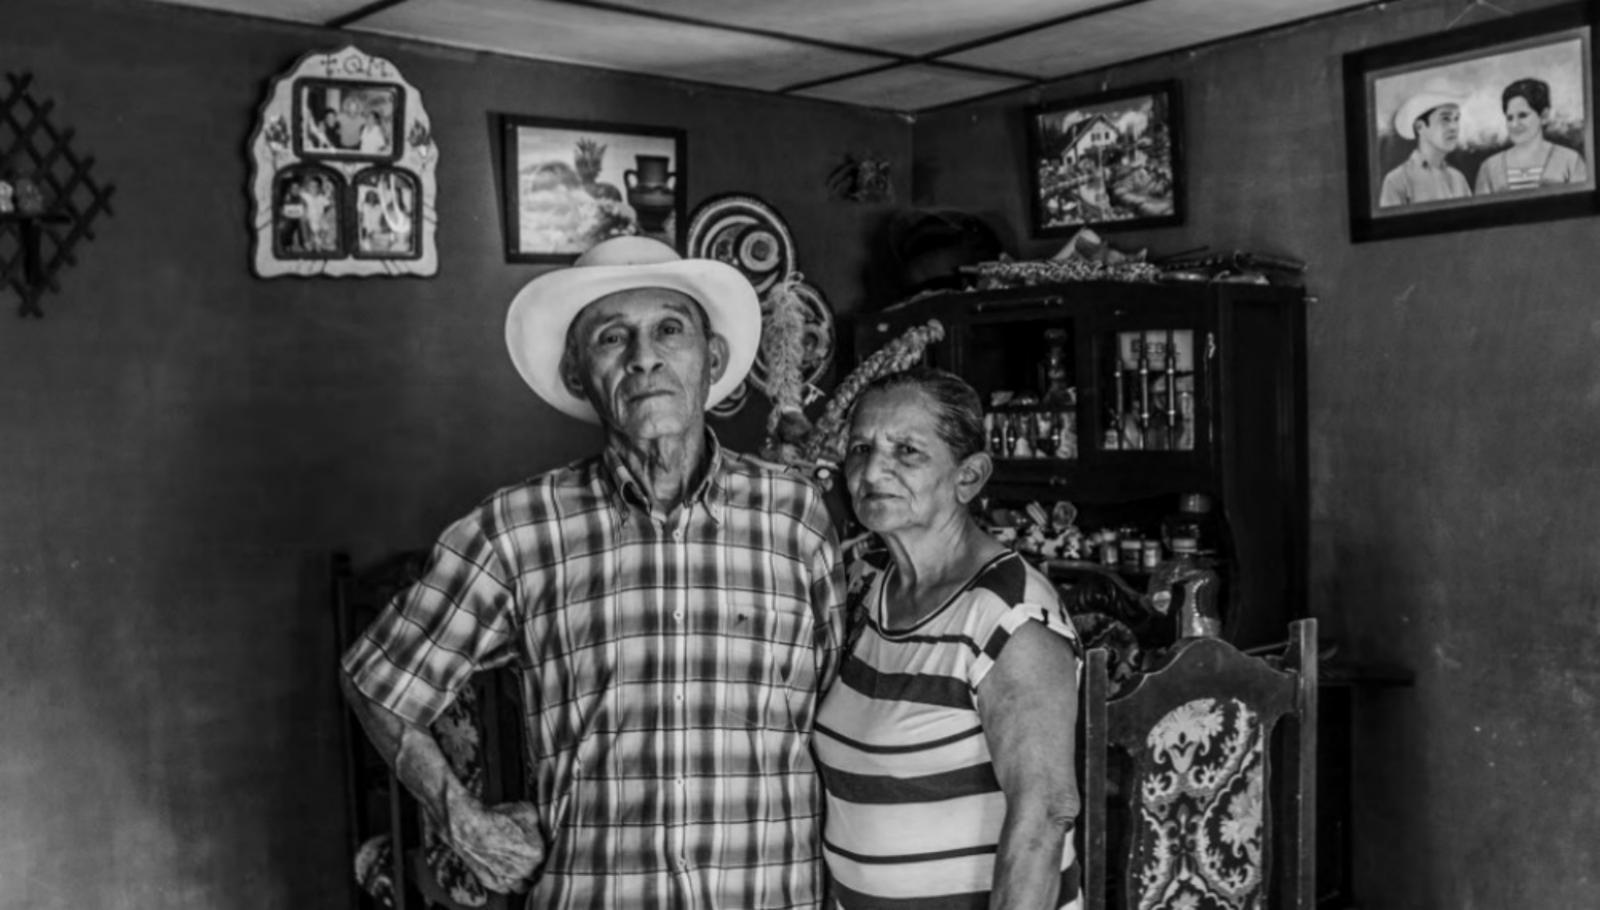 territorio/bolivar/podcast-los-campesinos-a-los-que-hicieron-pasar-por-guerrilleros-en-el-carmen-de-bolivar